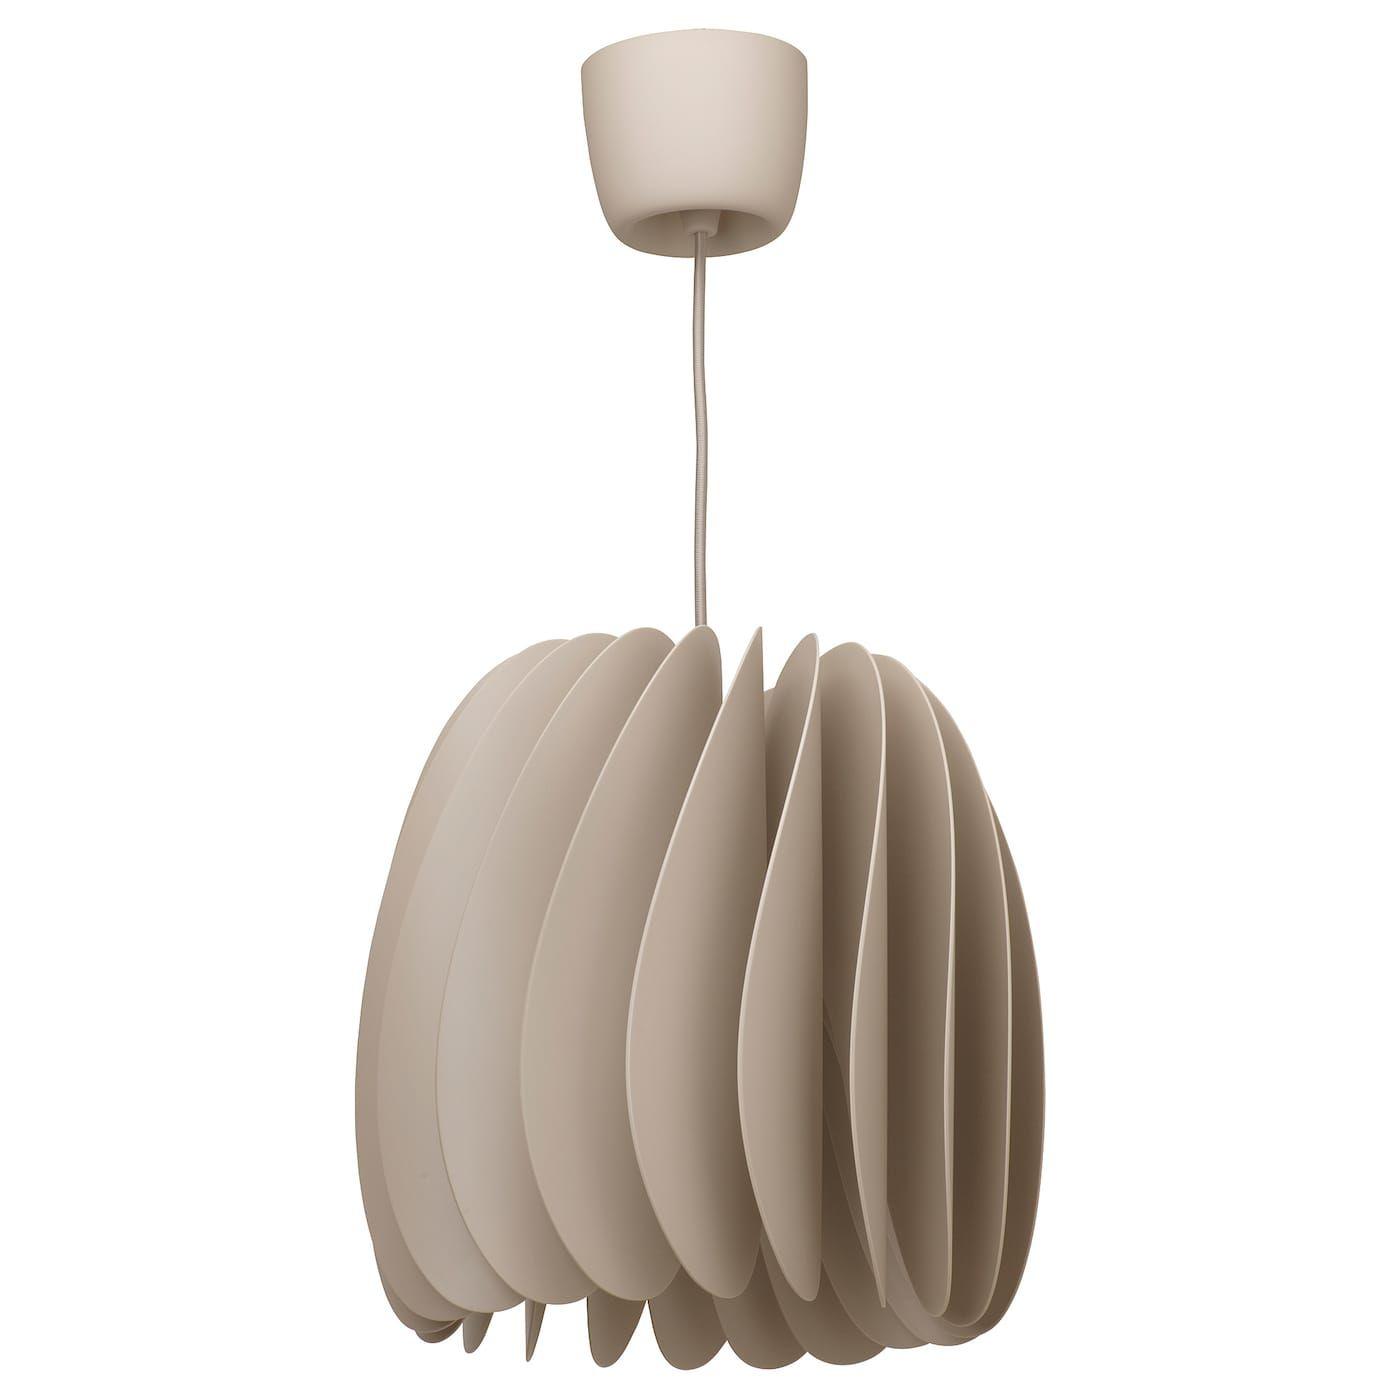 Ikea Skymningen Pendant Lamp Beige In 2020 Anhanger Lampen Deckenlampe Und Led Lampe